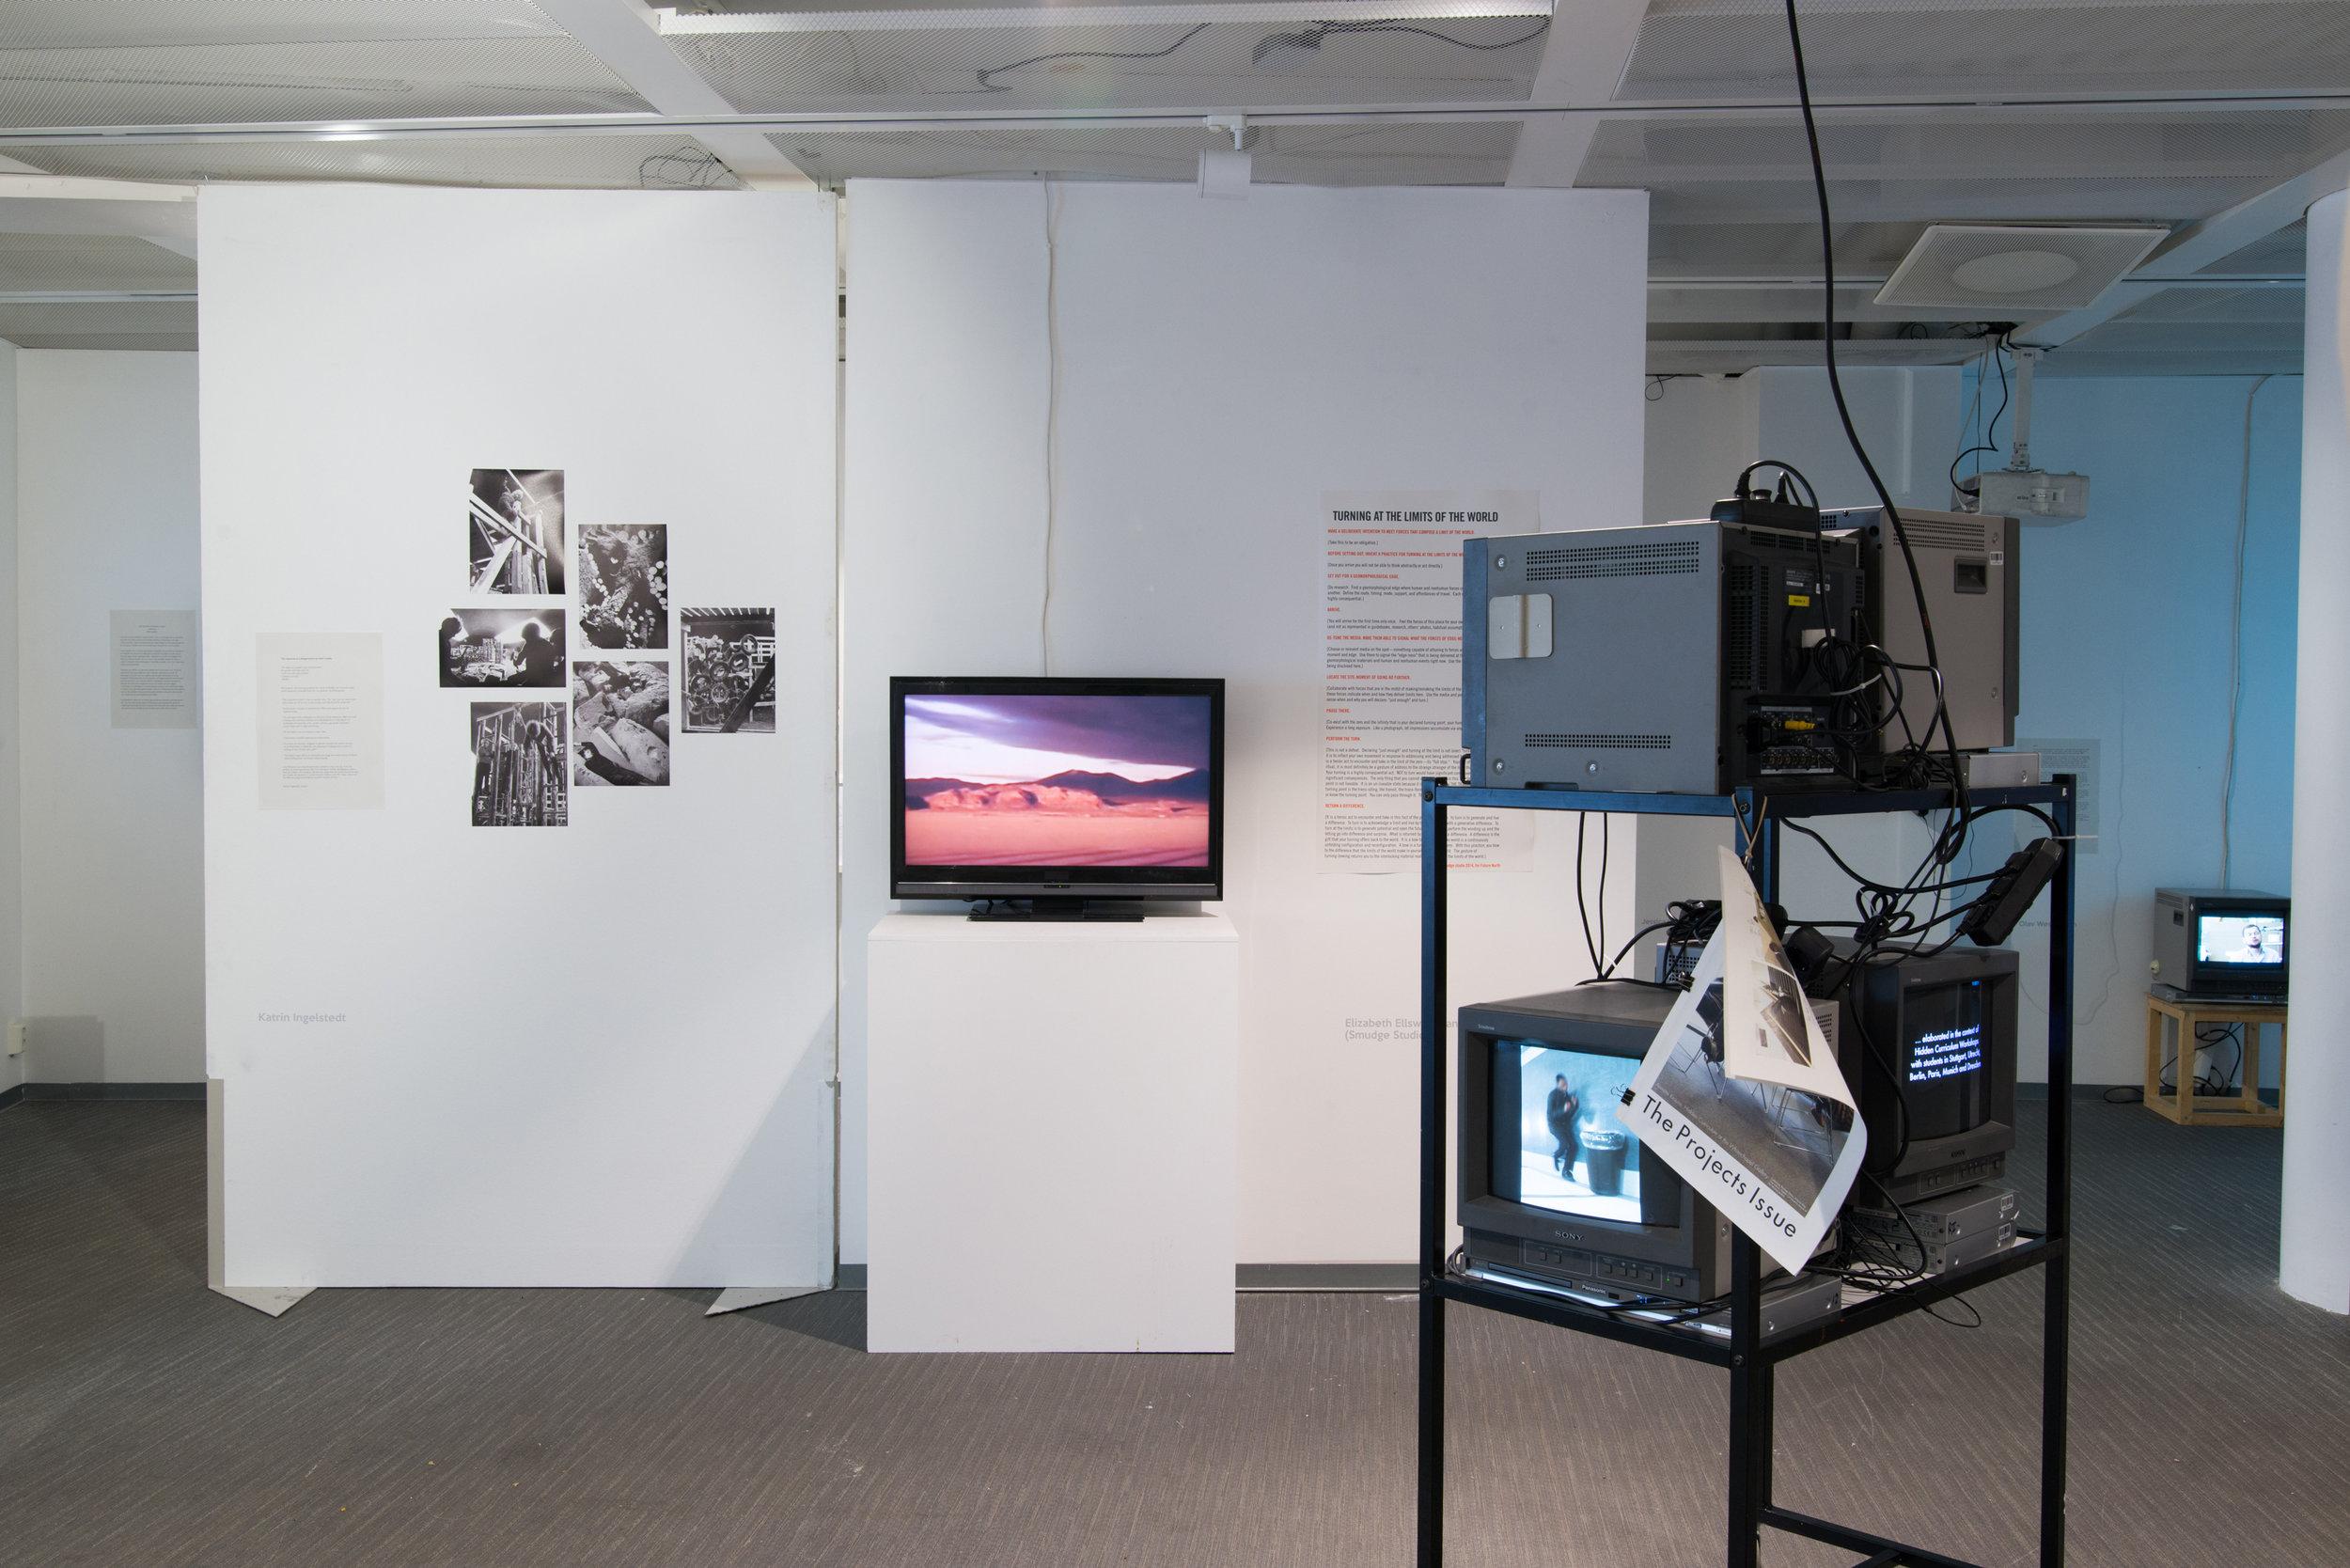 Installation view: Foreground:Annette Krauss, Background:lrit Rogoff, Katrin Ingelstedt, and Elizabeth Ellsworth and Jamie Kruse (Smudge Studio)